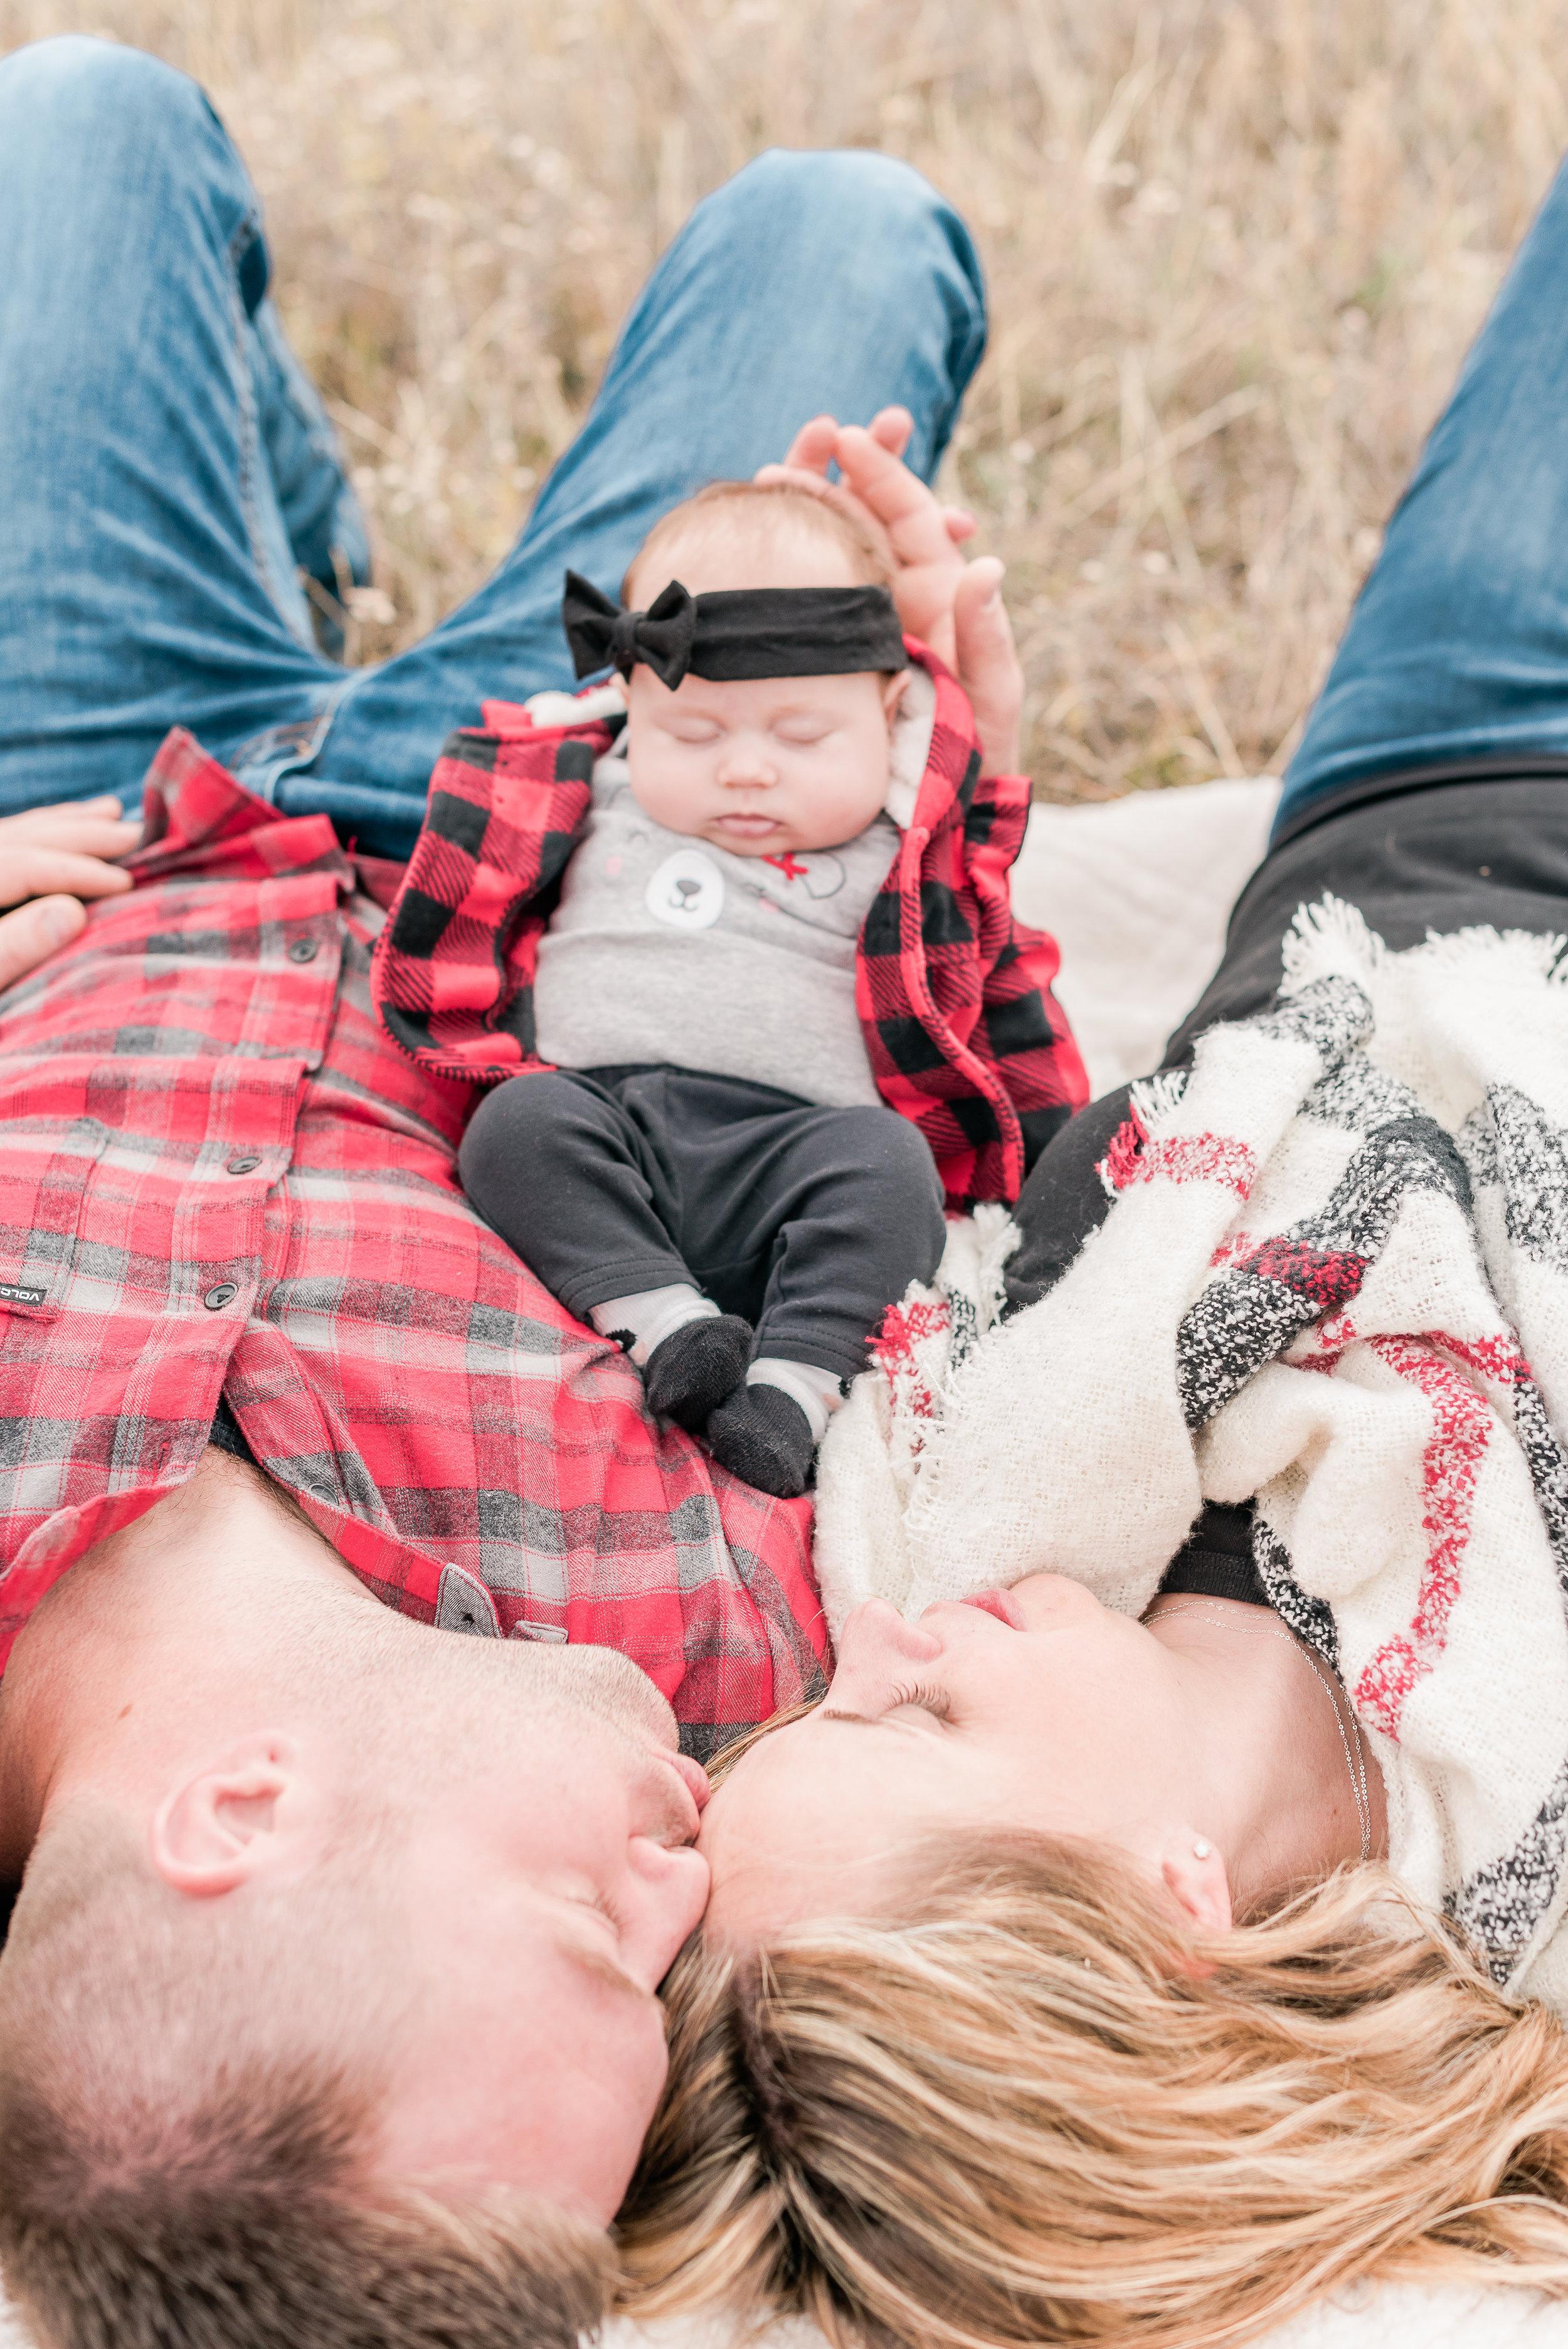 FamilyPhotos-46.jpg